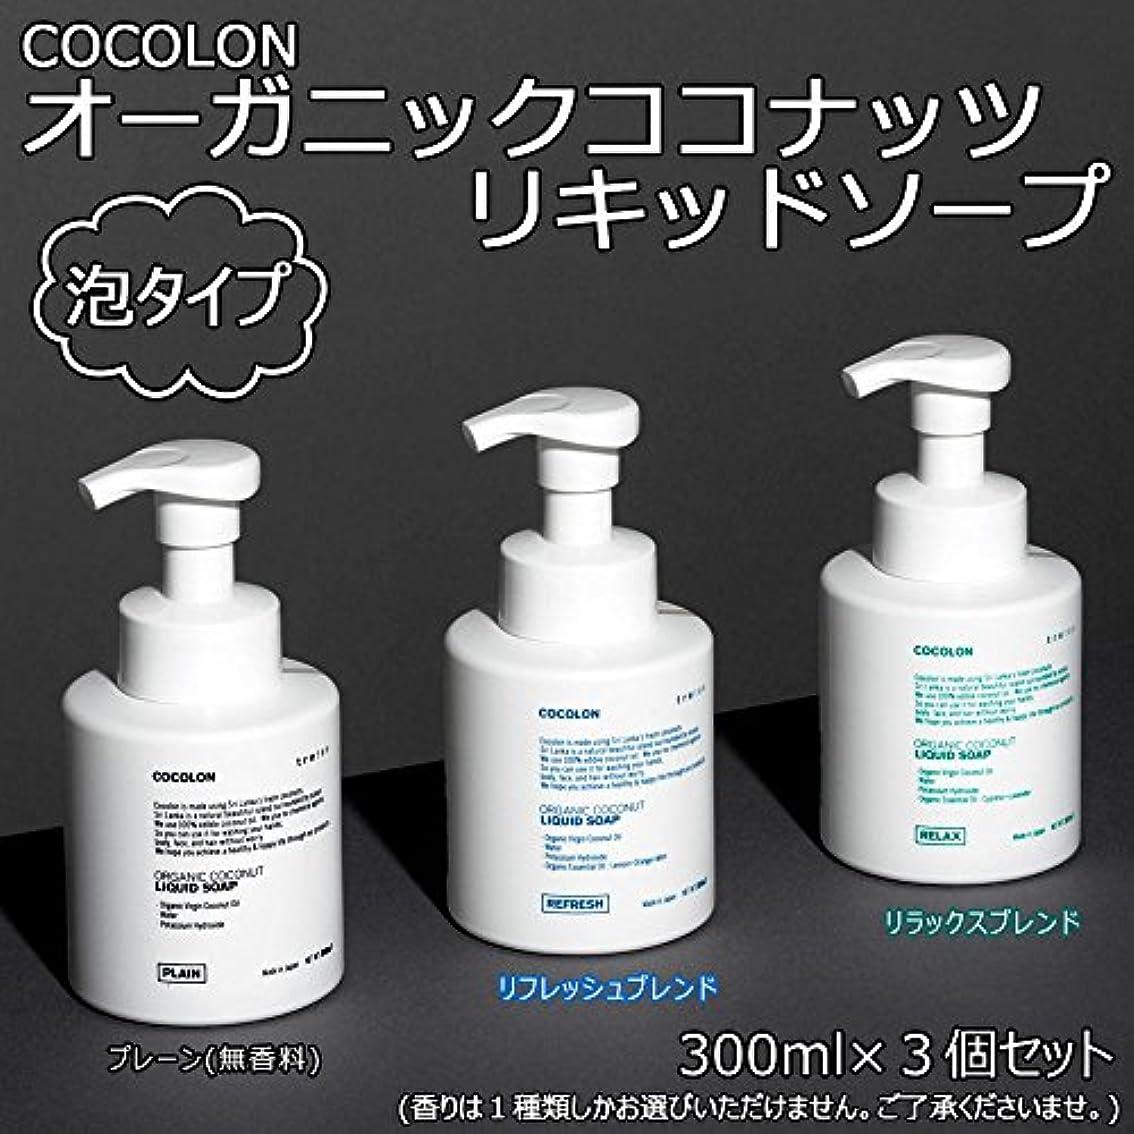 輪郭南チョコレートCOCOLON ココロン オーガニックココナッツリキッドソープ 泡タイプ 300ml 3個セット リフレッシュブレンド